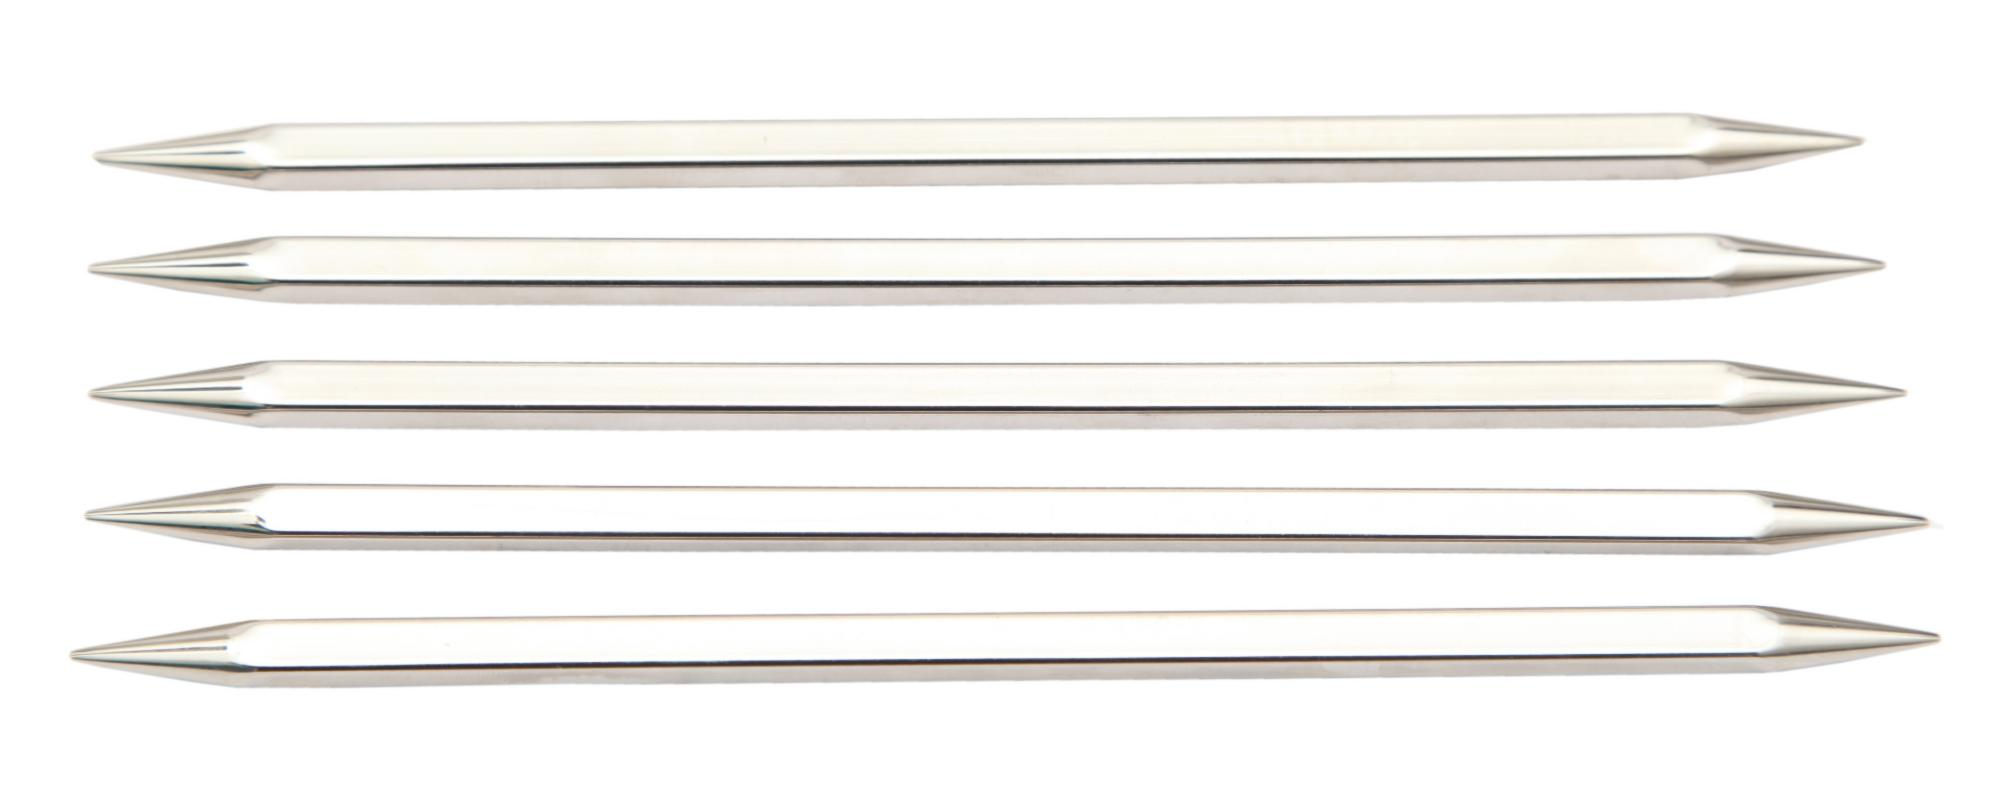 Спицы носочные 20 см Nova Cubics KnitPro, 12130, 4.50 мм